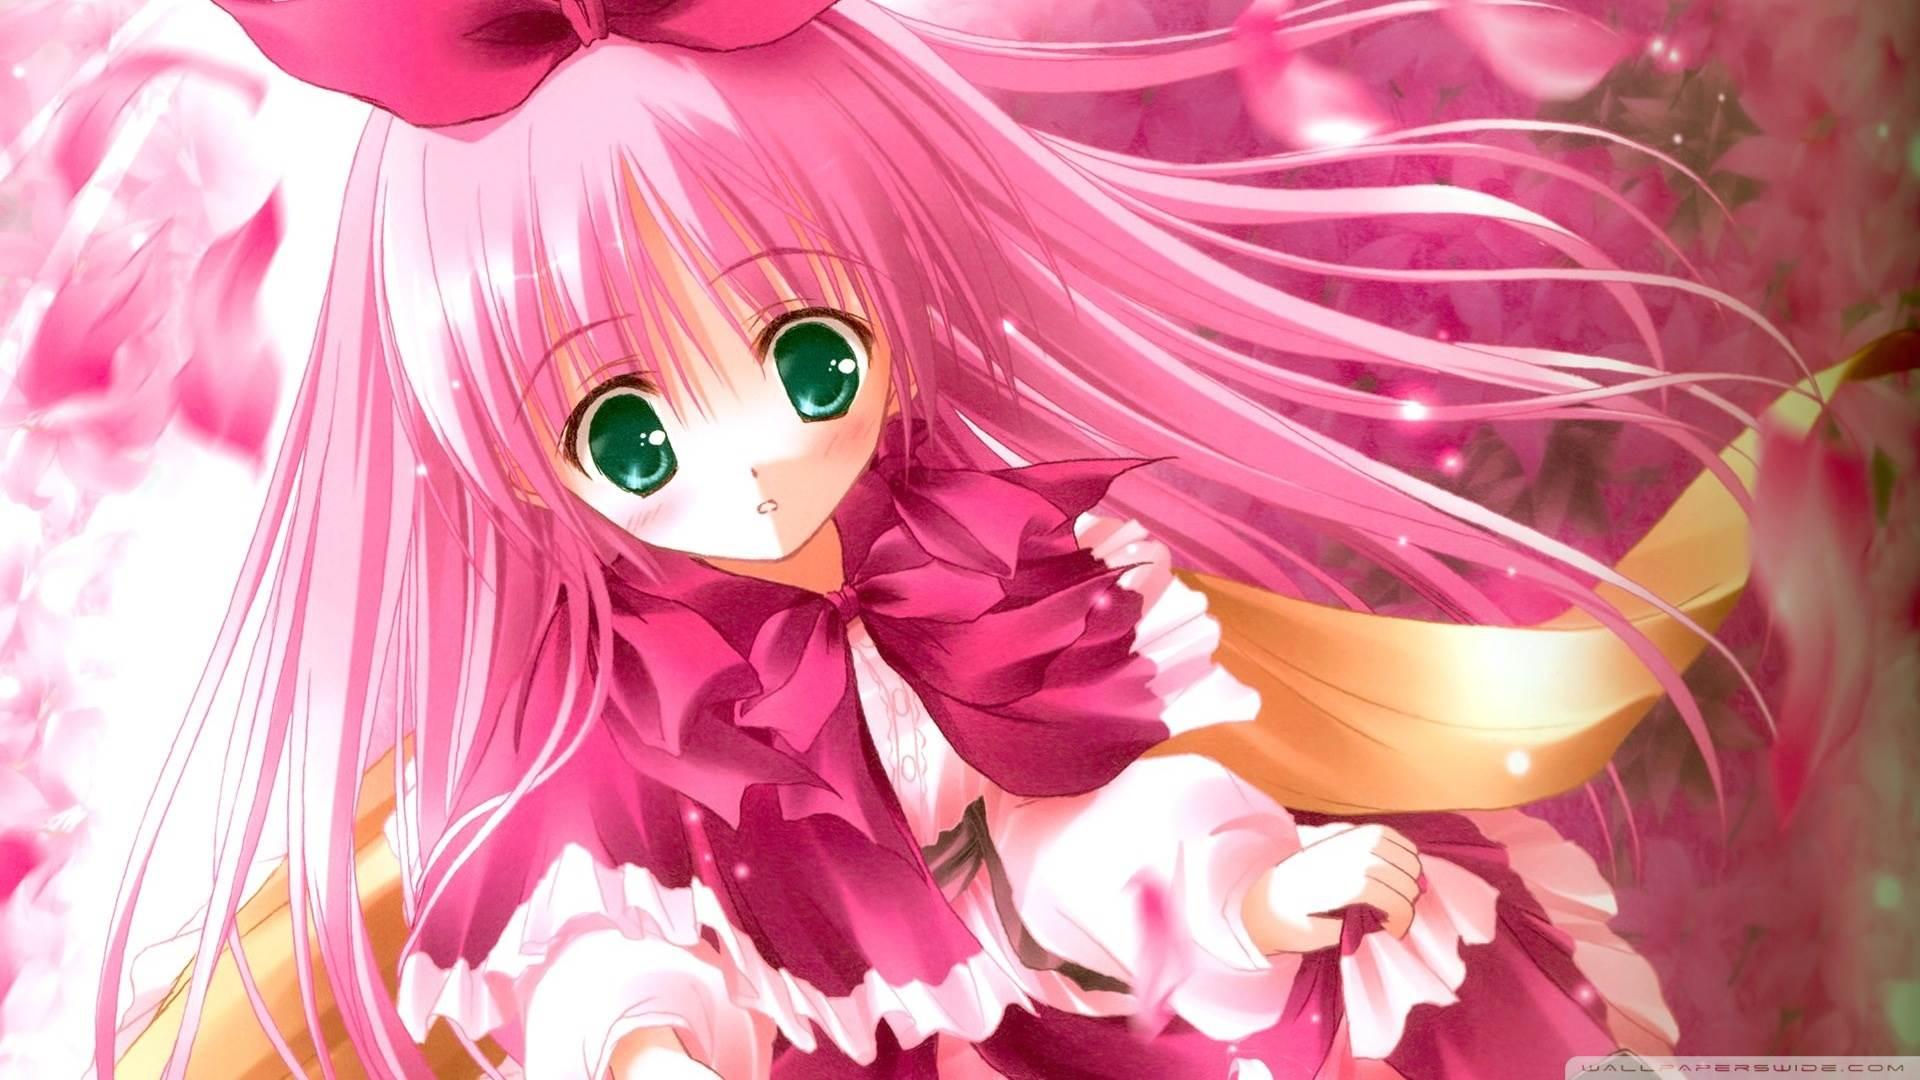 Cute Pink Anime HD Desktop Wallpaper Widescreen High Definition Fullscreen Mobile